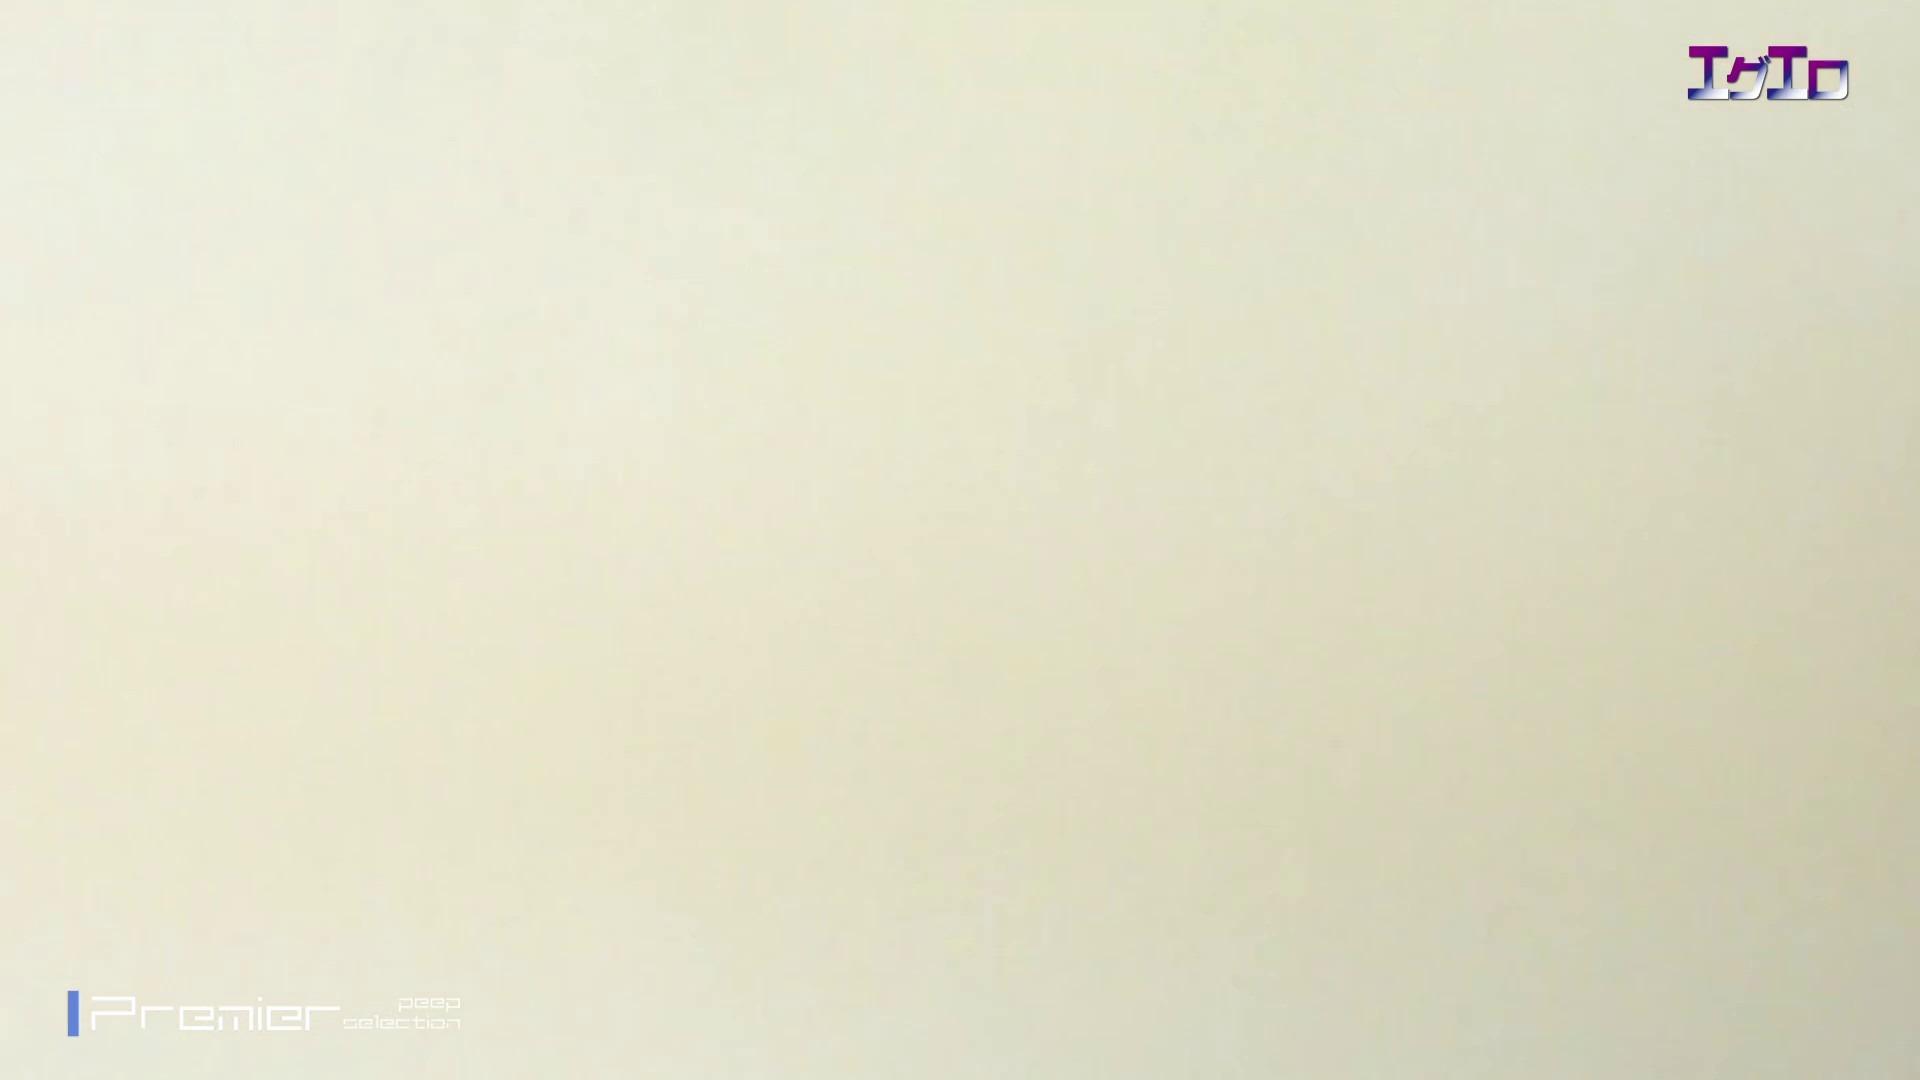 執念の撮影&追撮!!某女子校の通学路にあるトイレ 至近距離洗面所 Vol.16 美肌  84PIX 37